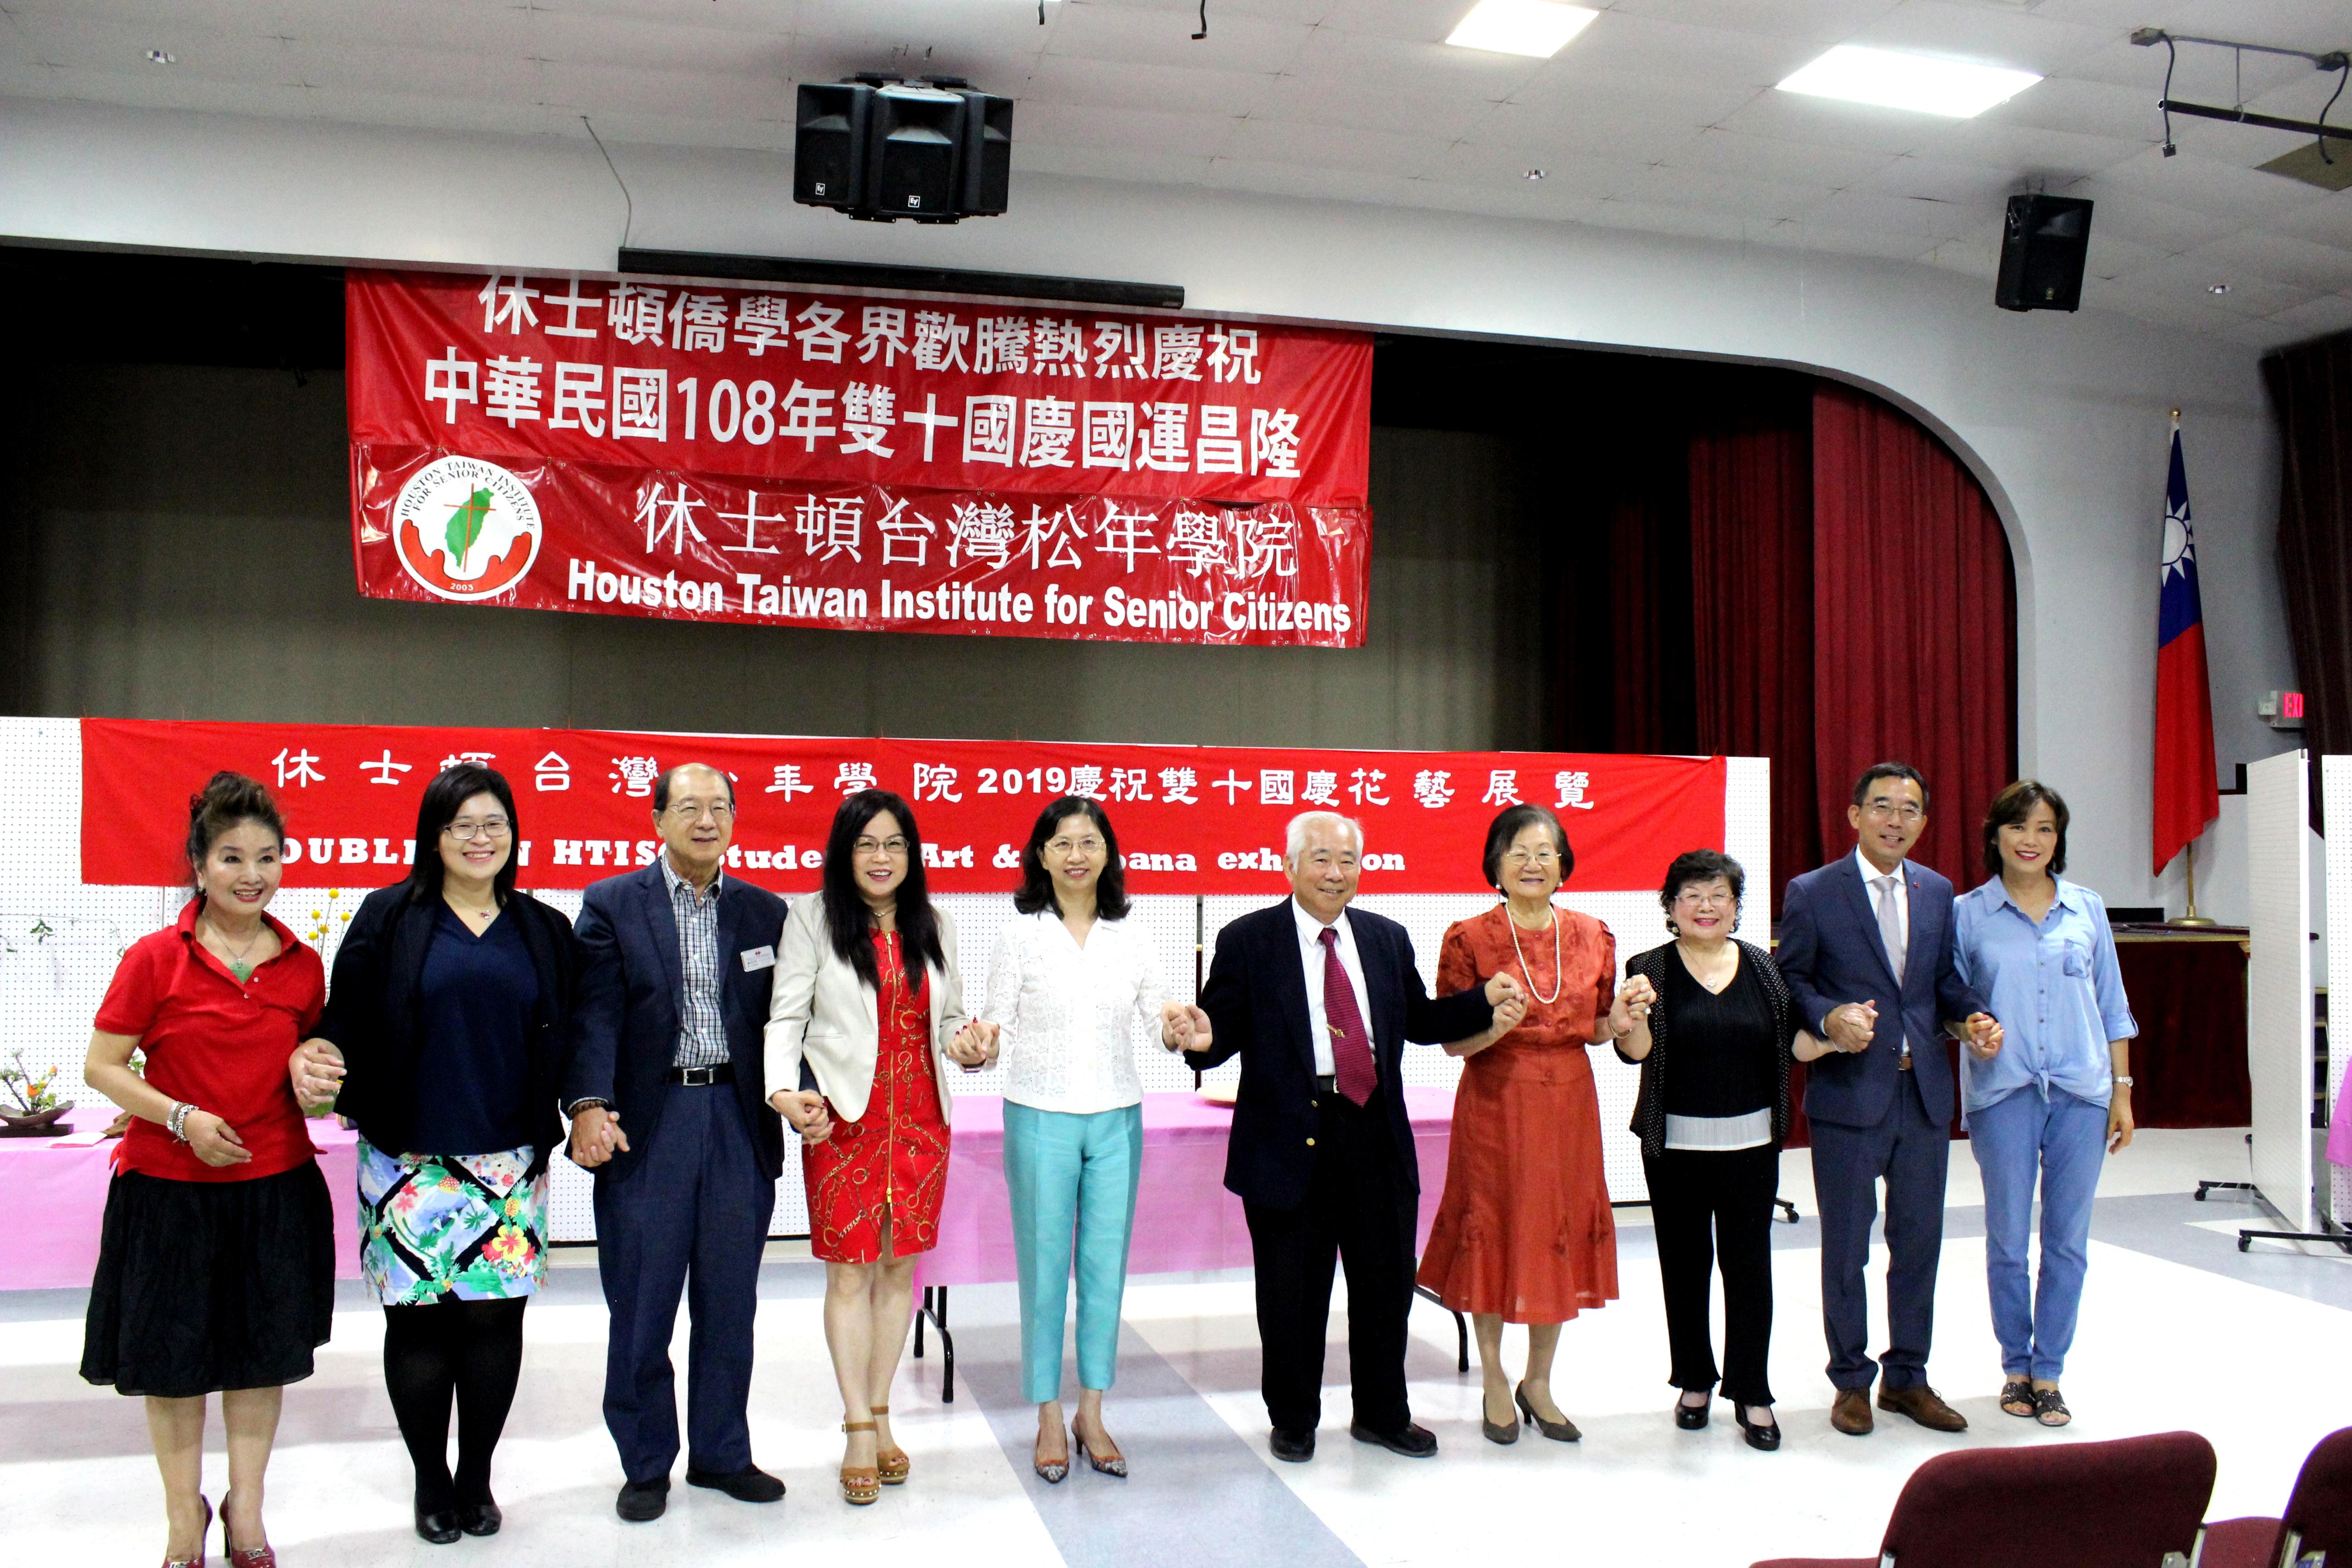 王貞慧(右四起至左),許勝弘,陳奕芳,黃春蘭及所有嘉賓們剪綵合影。(記者盧淑君/攝影)